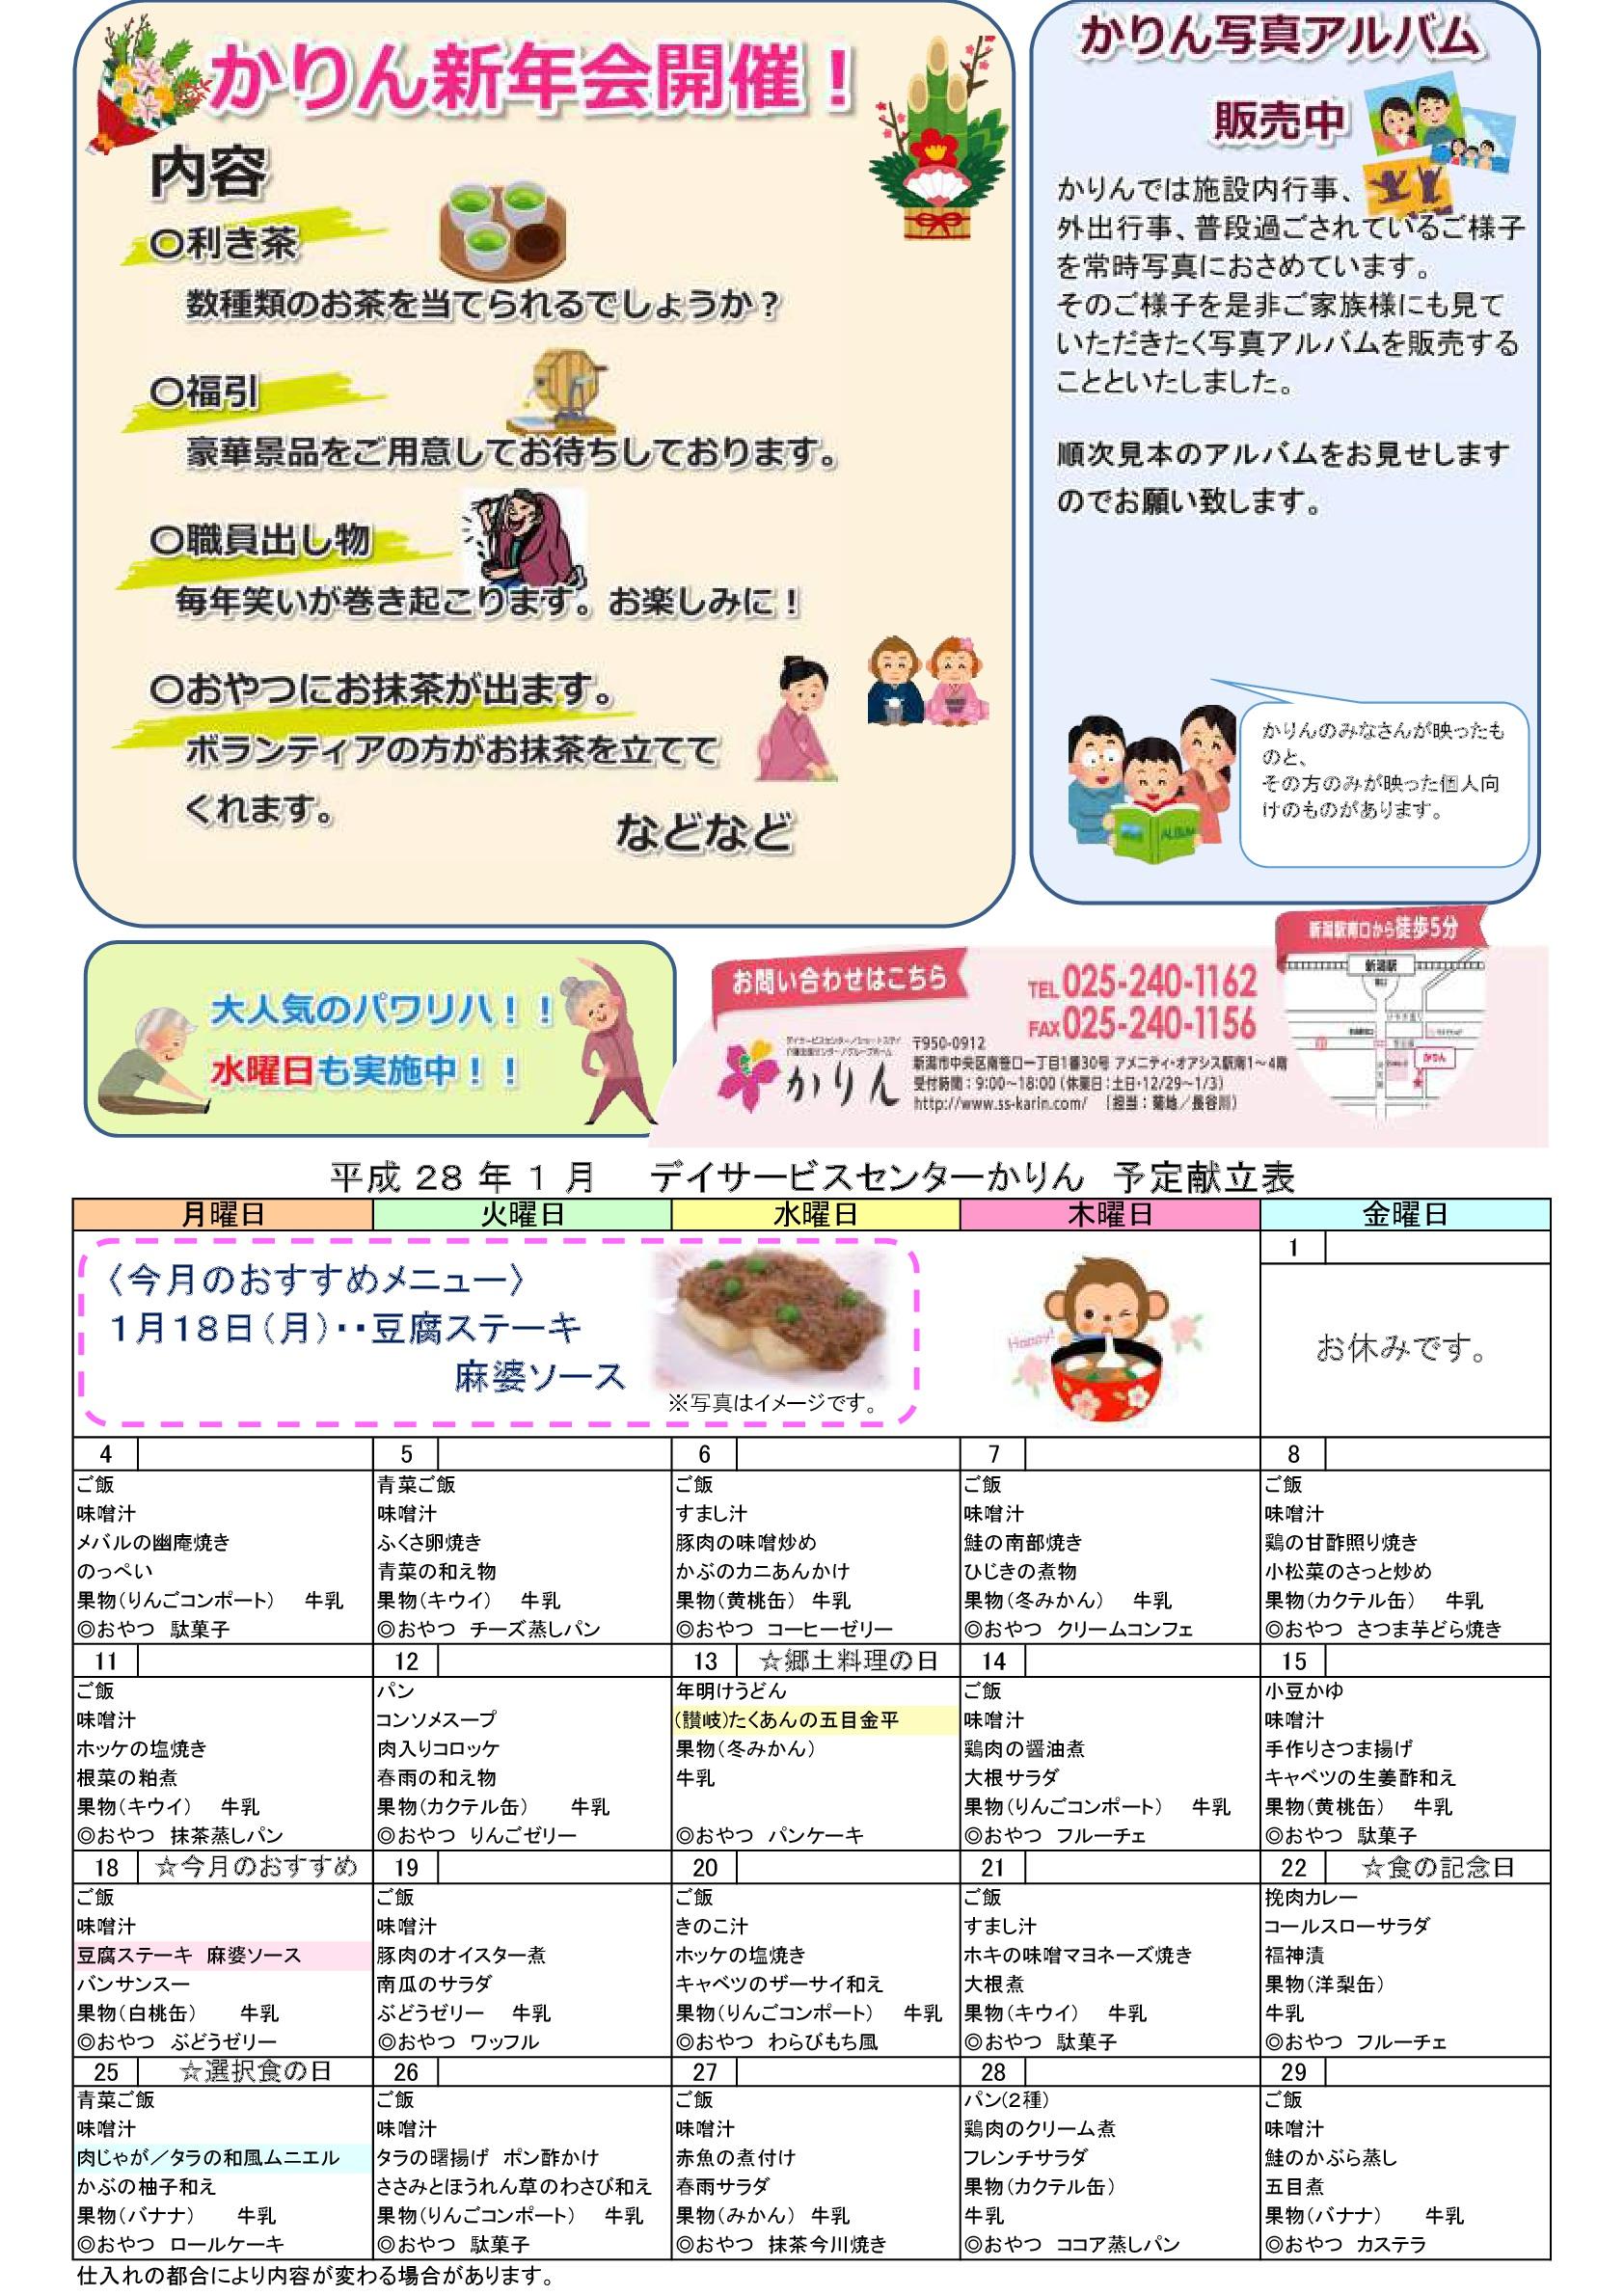 201601月かわら版「かりん新年会開催!」裏